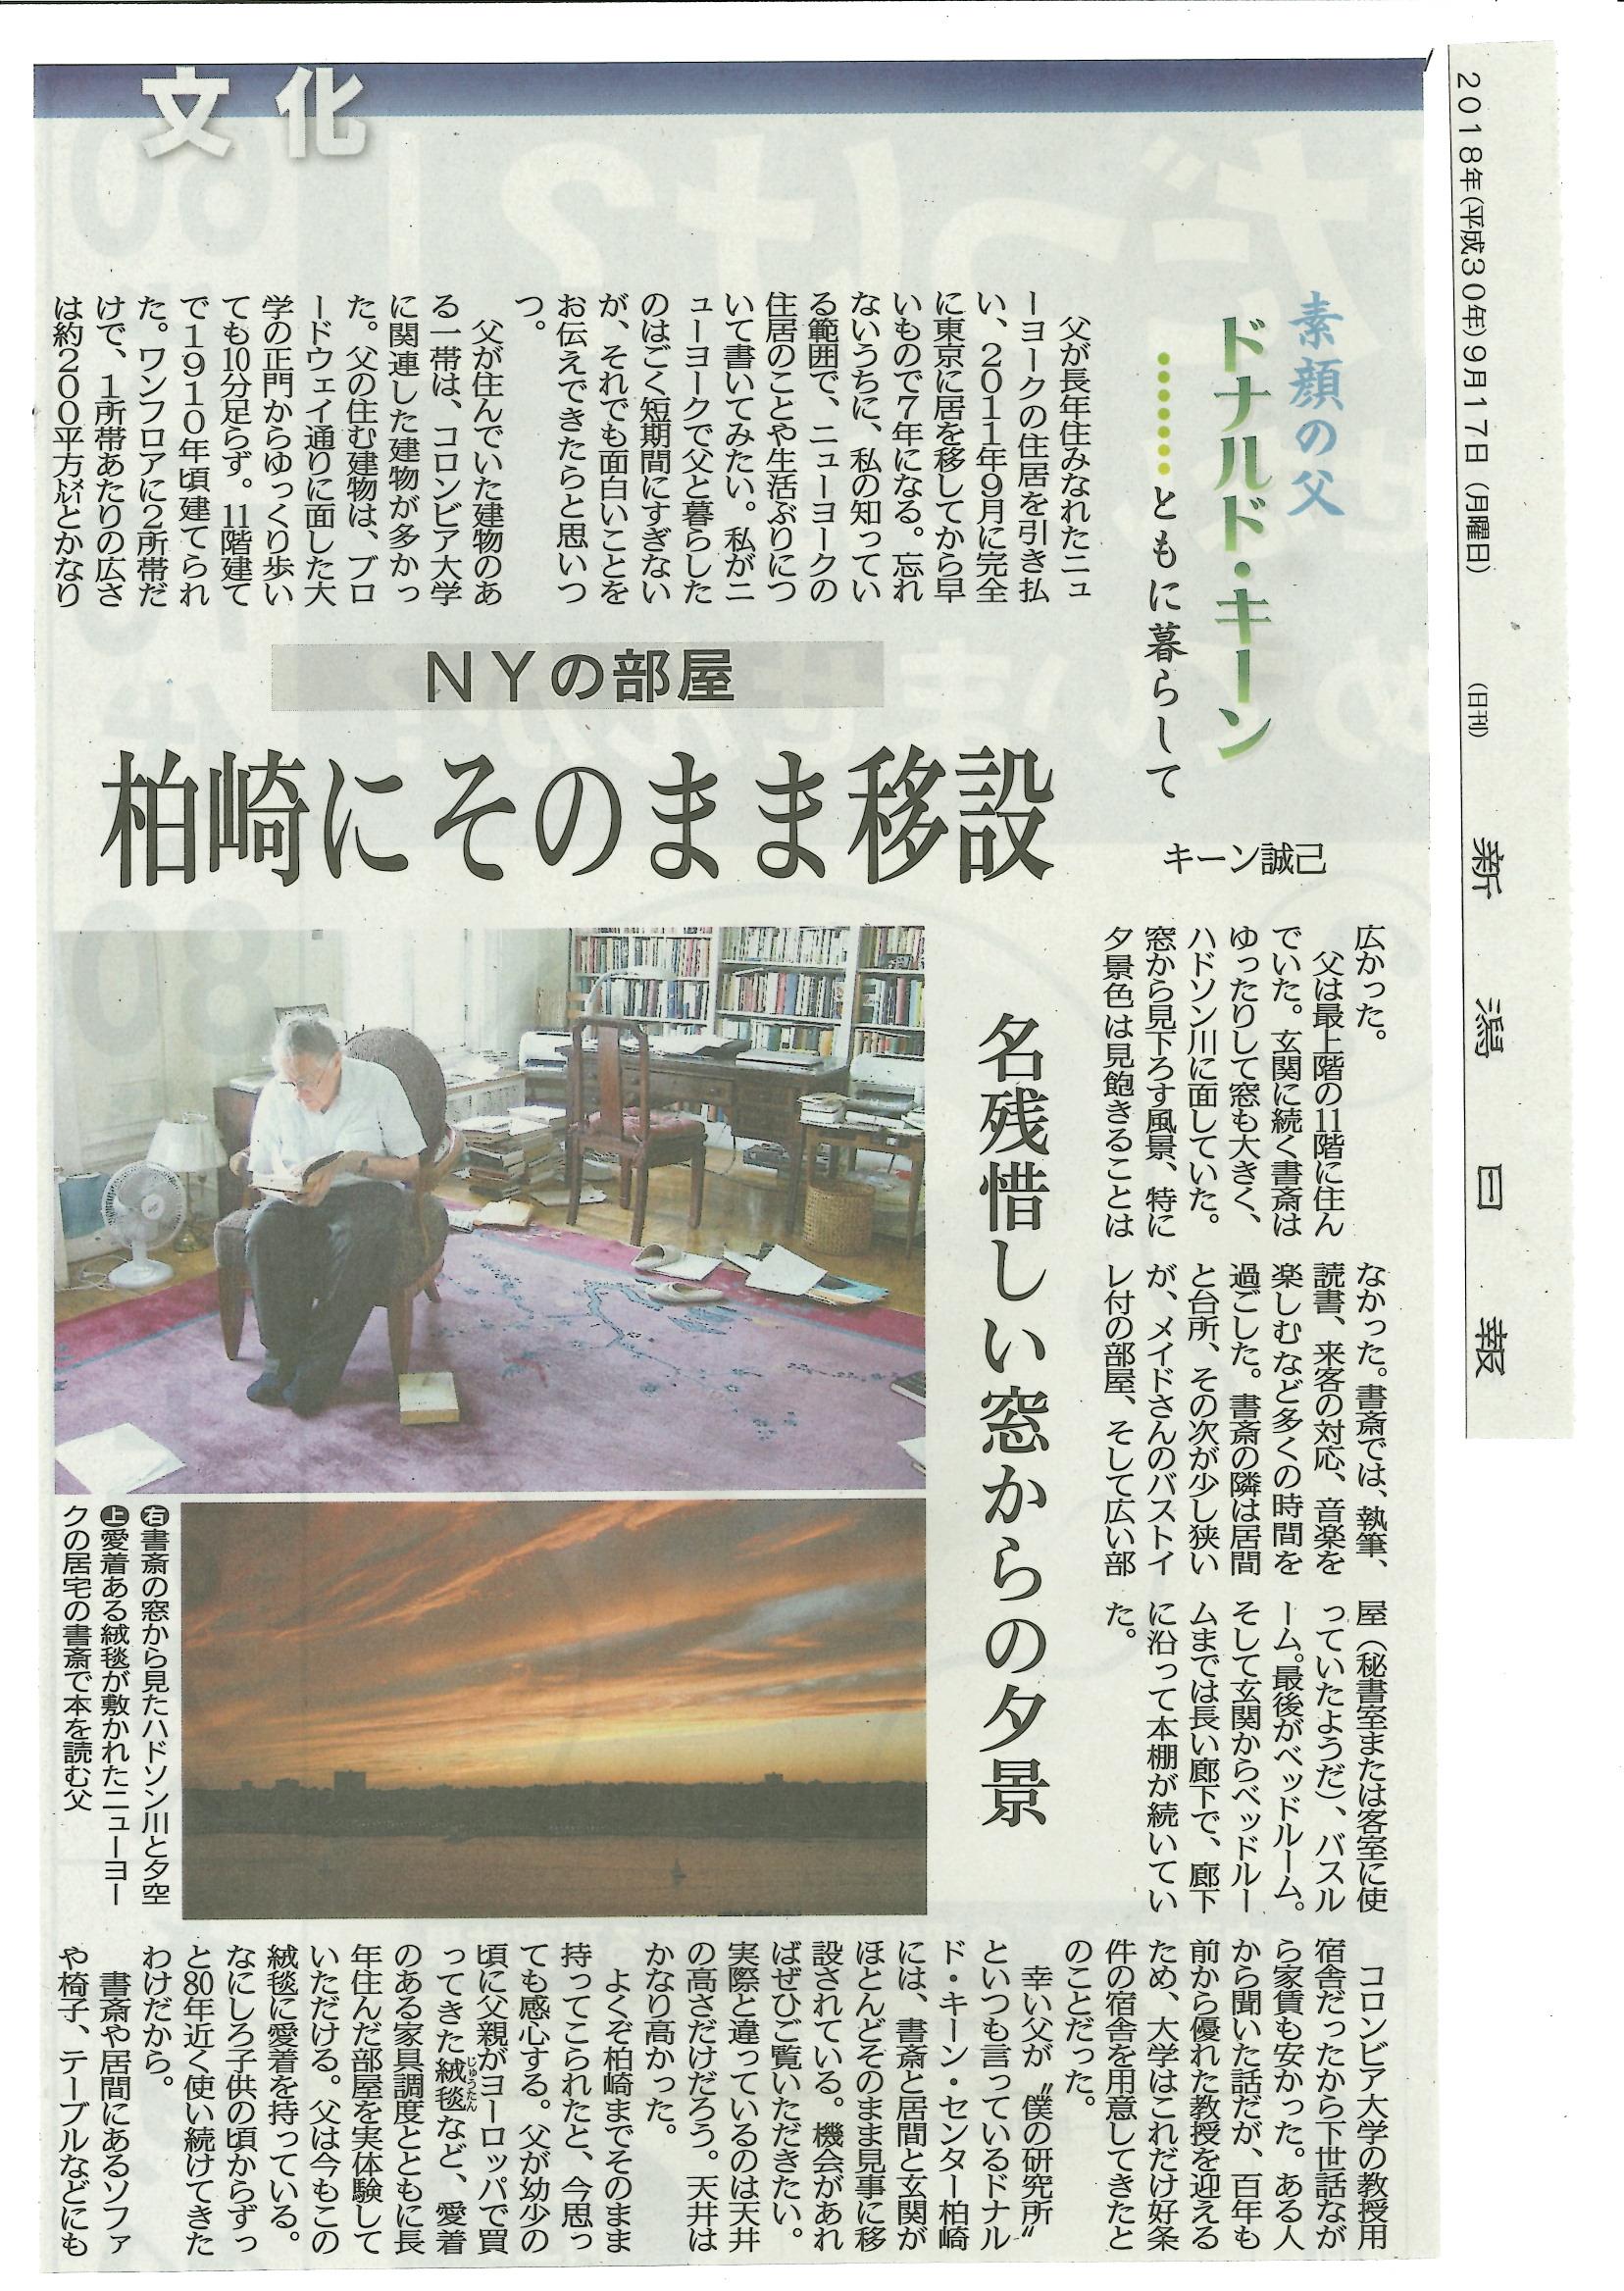 2018-09-17新潟日報「素顔の父」(NYの家)1.jpg